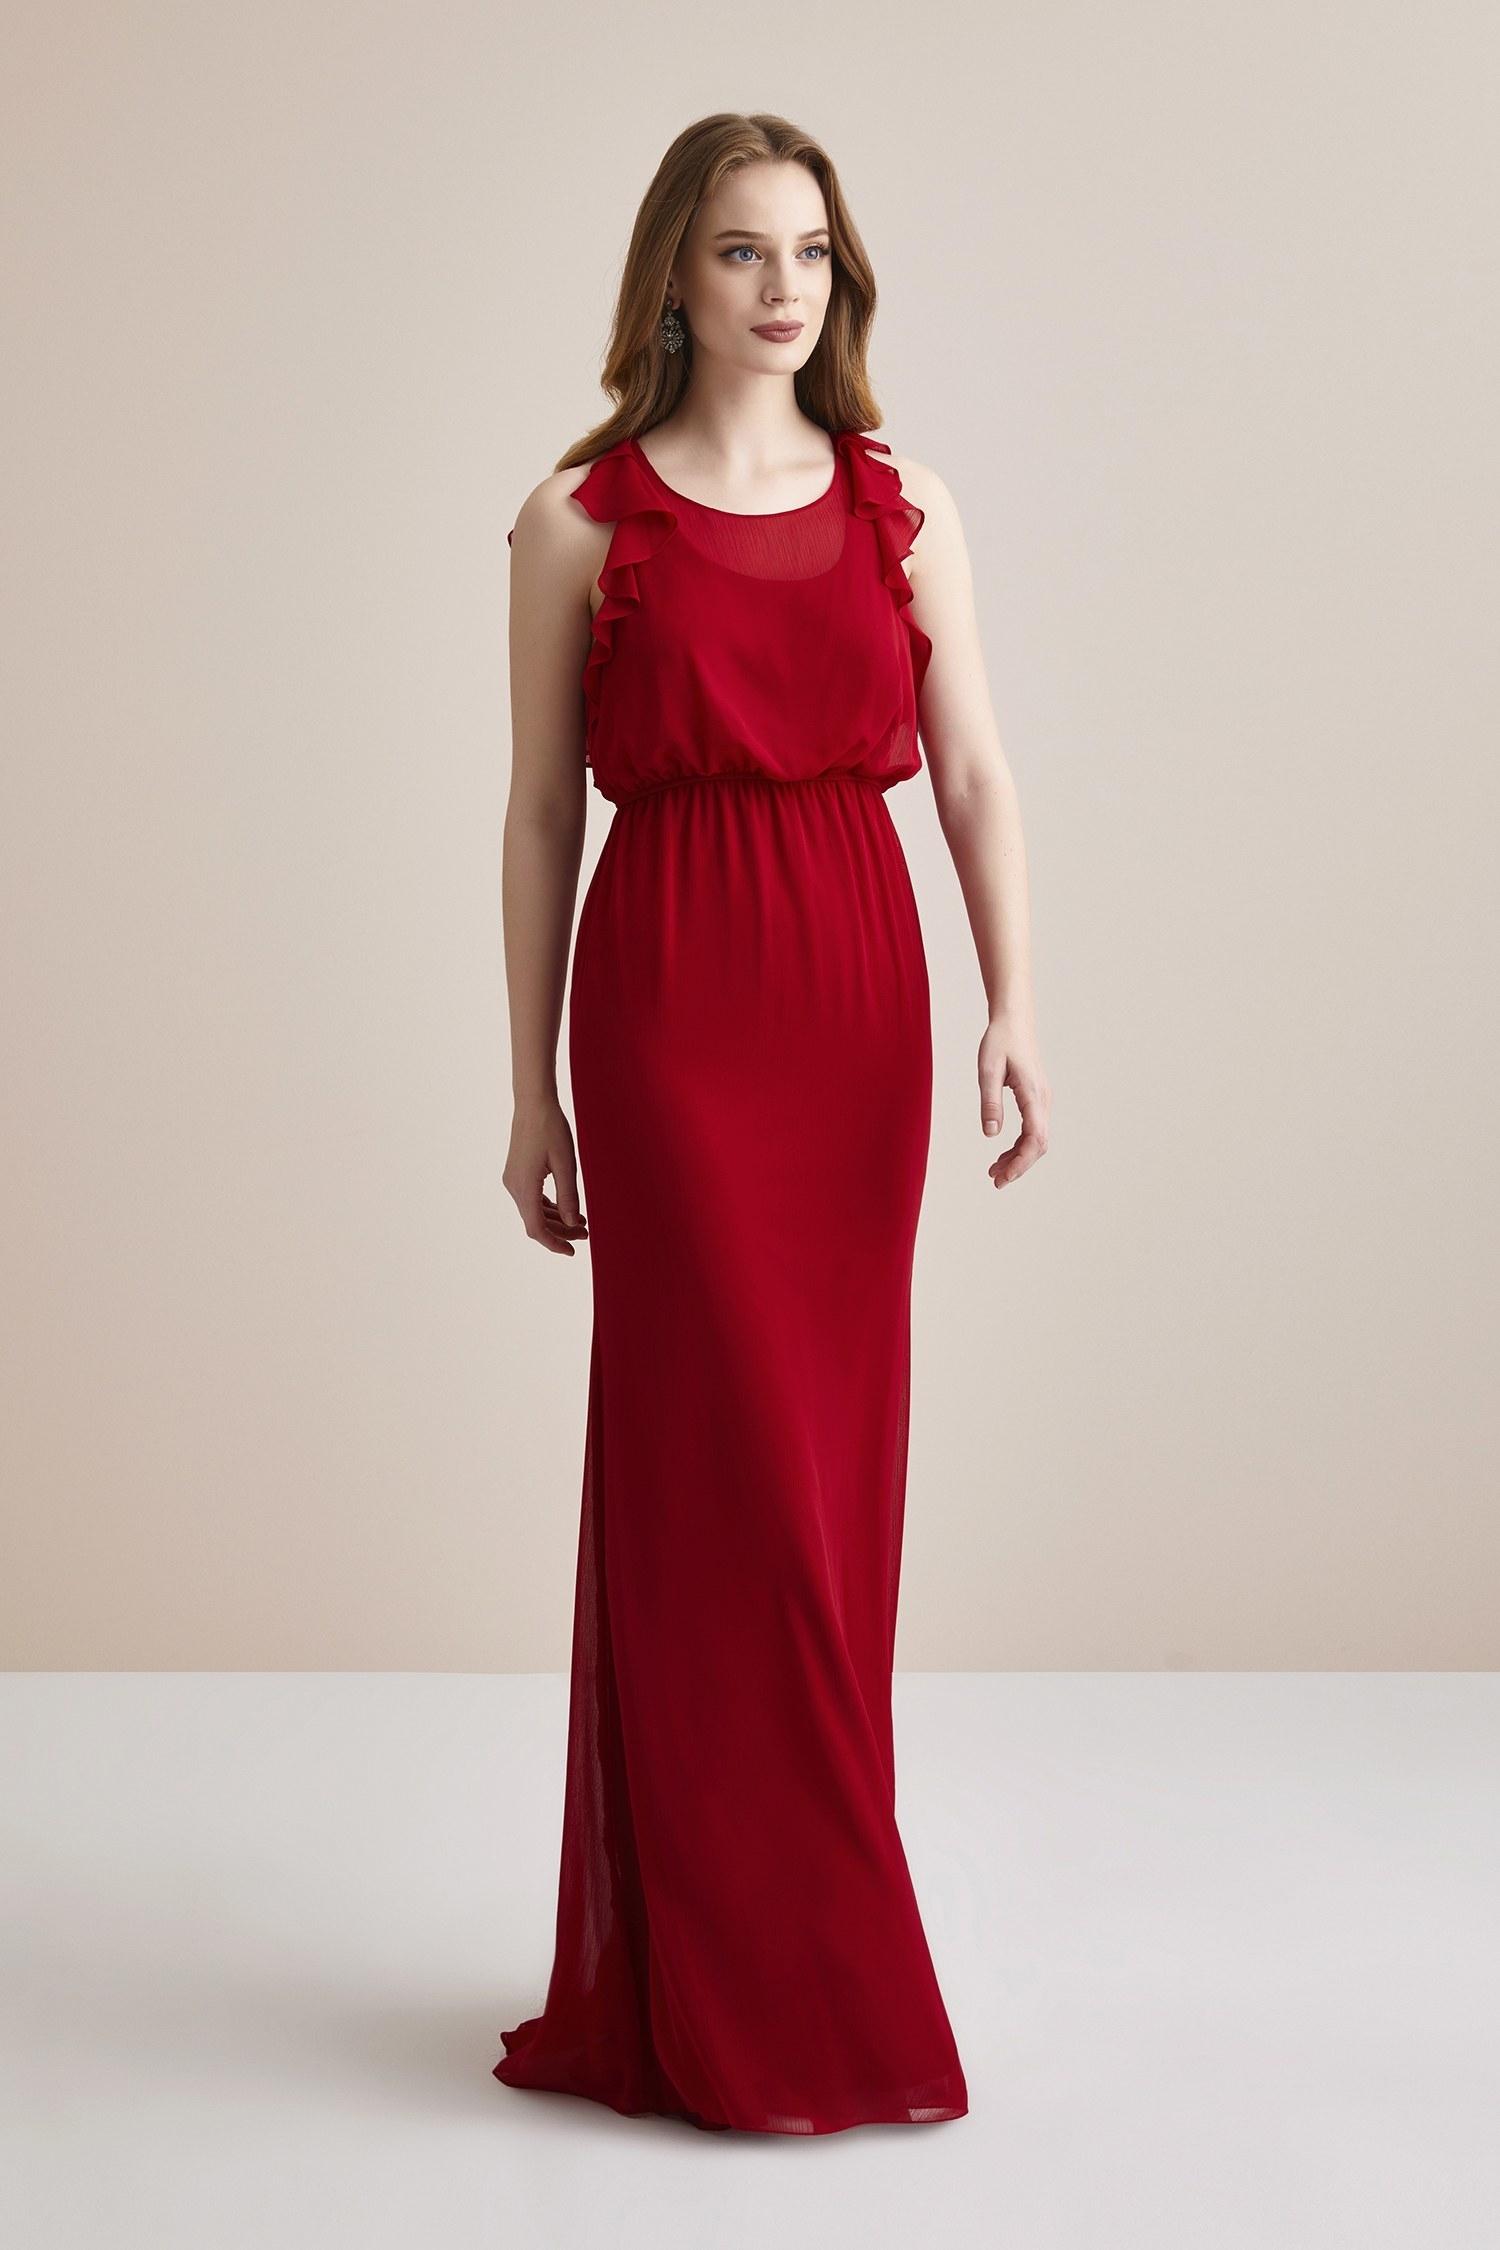 Kırmızı Sırtı Fırfırlı Beli Büzgülü Şifon Uzun Abiye Elbise - Thumbnail